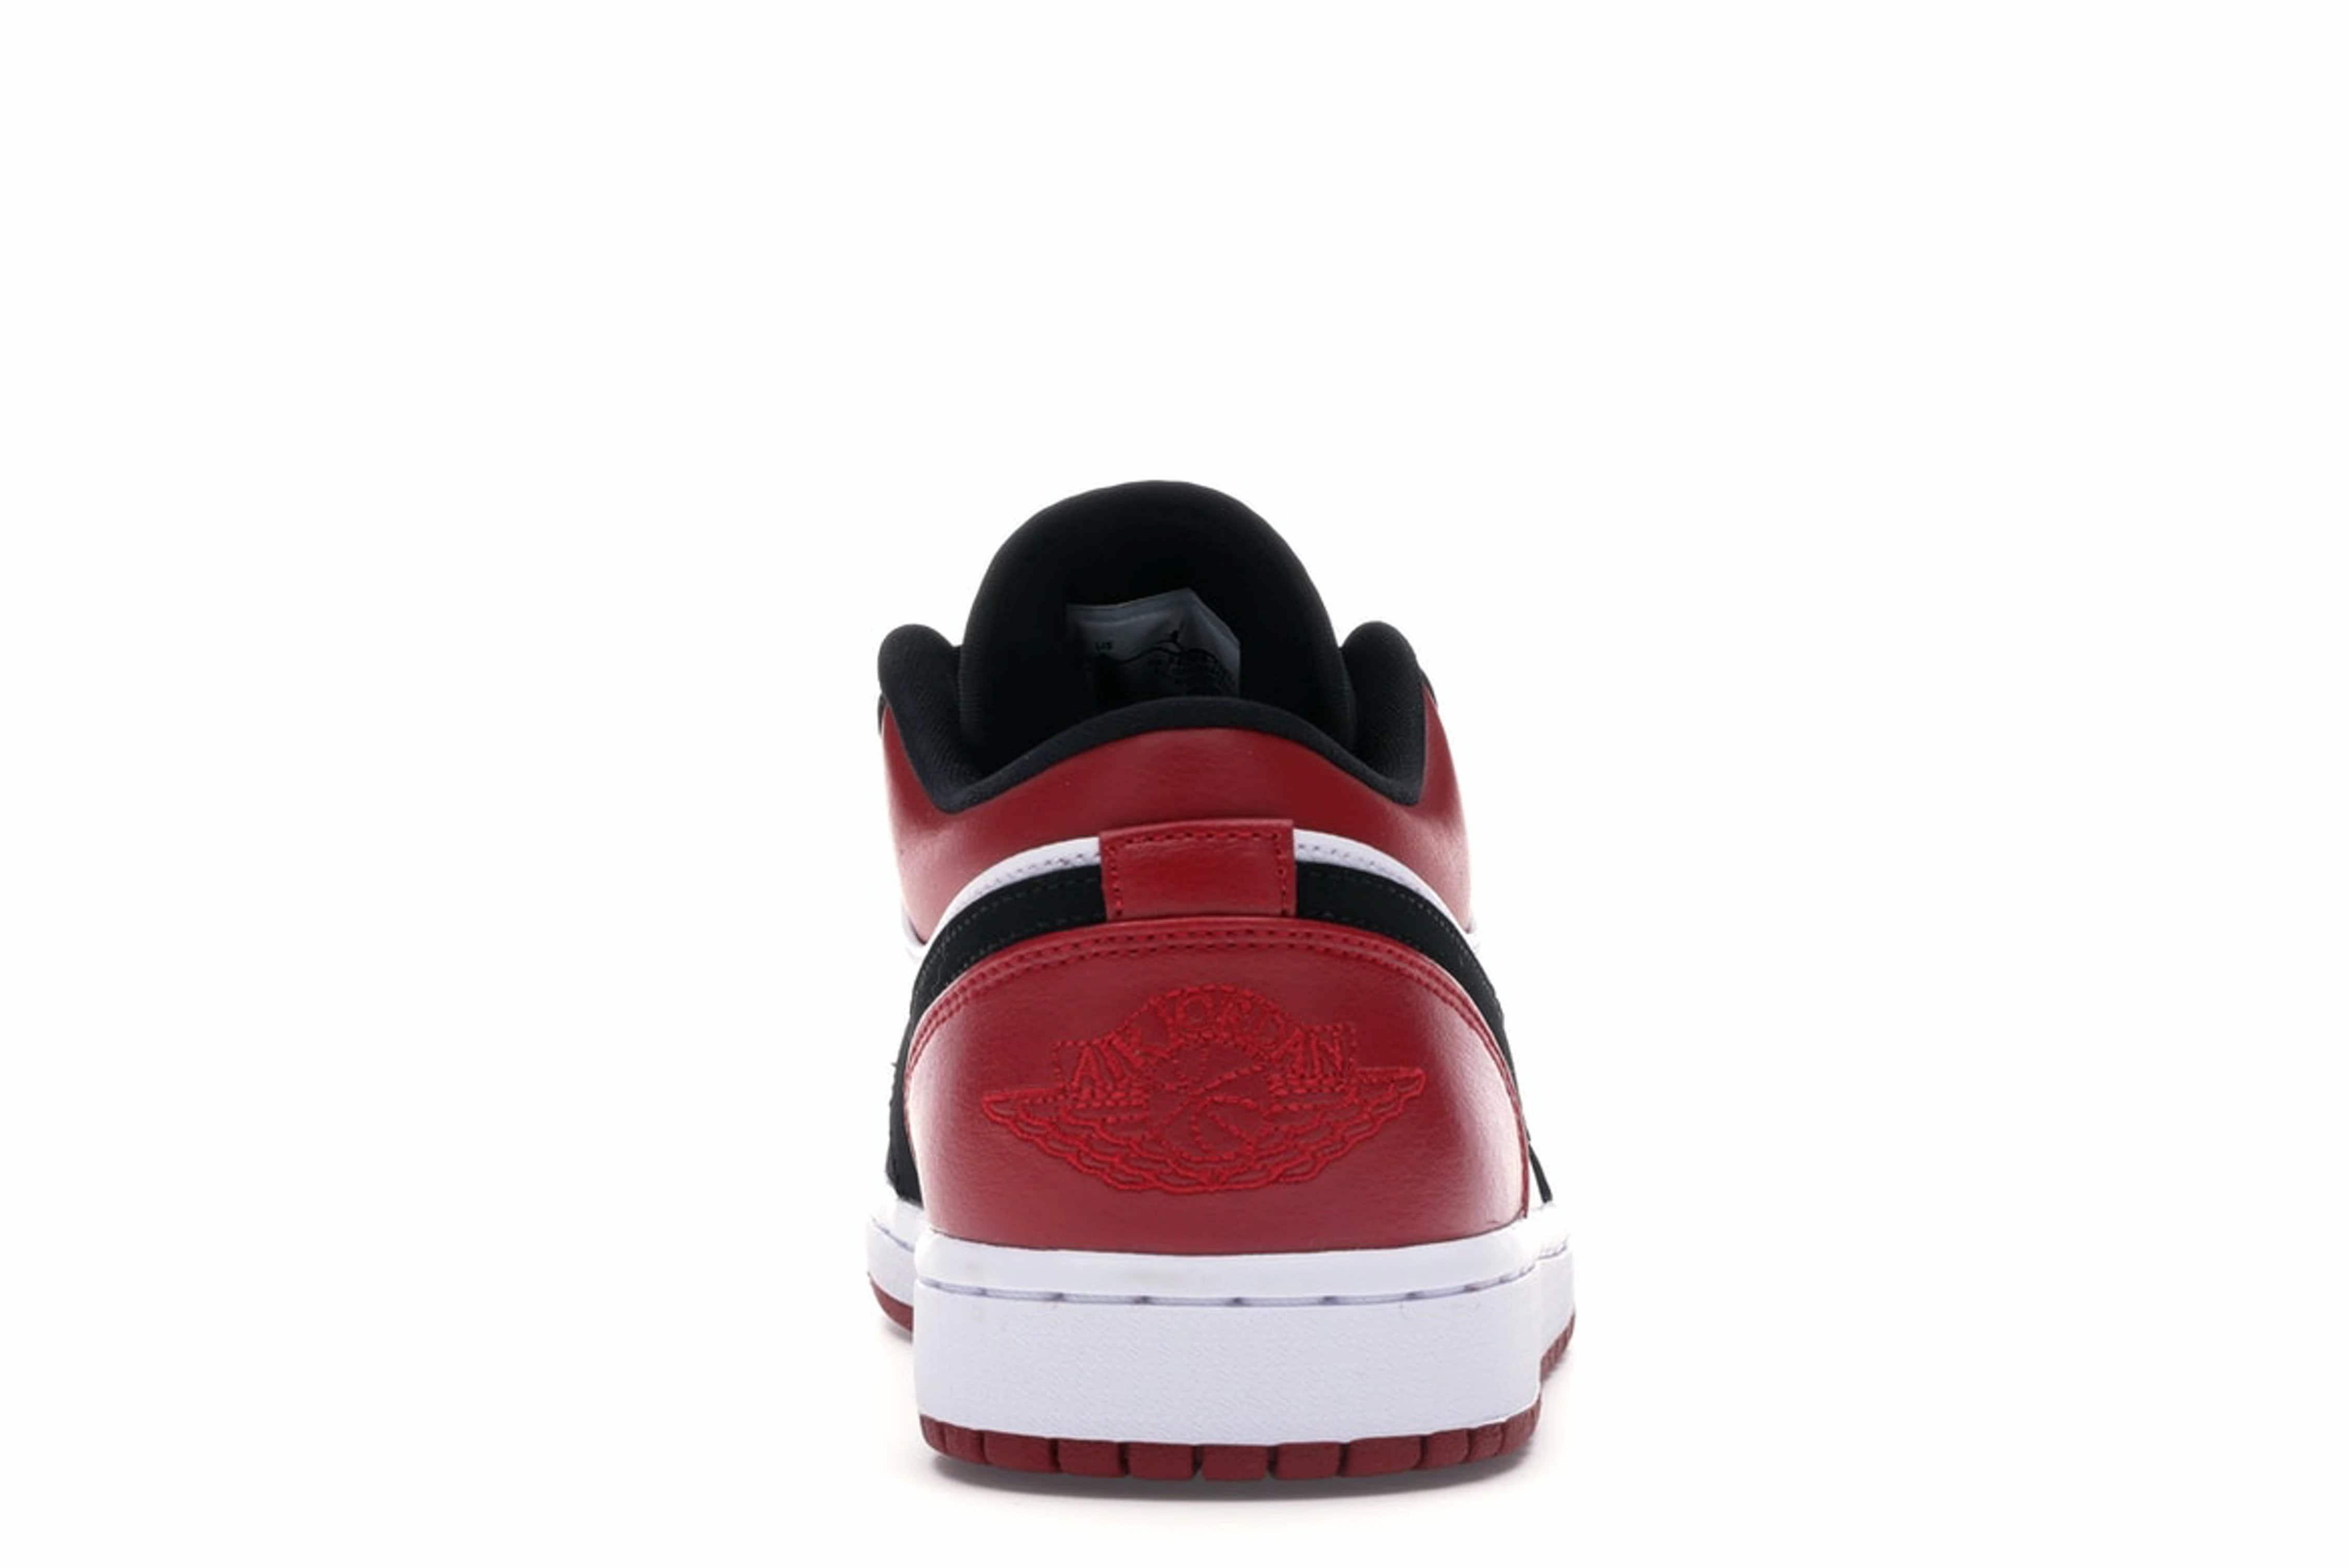 slide 4 - Jordan 1 Low Black Toe